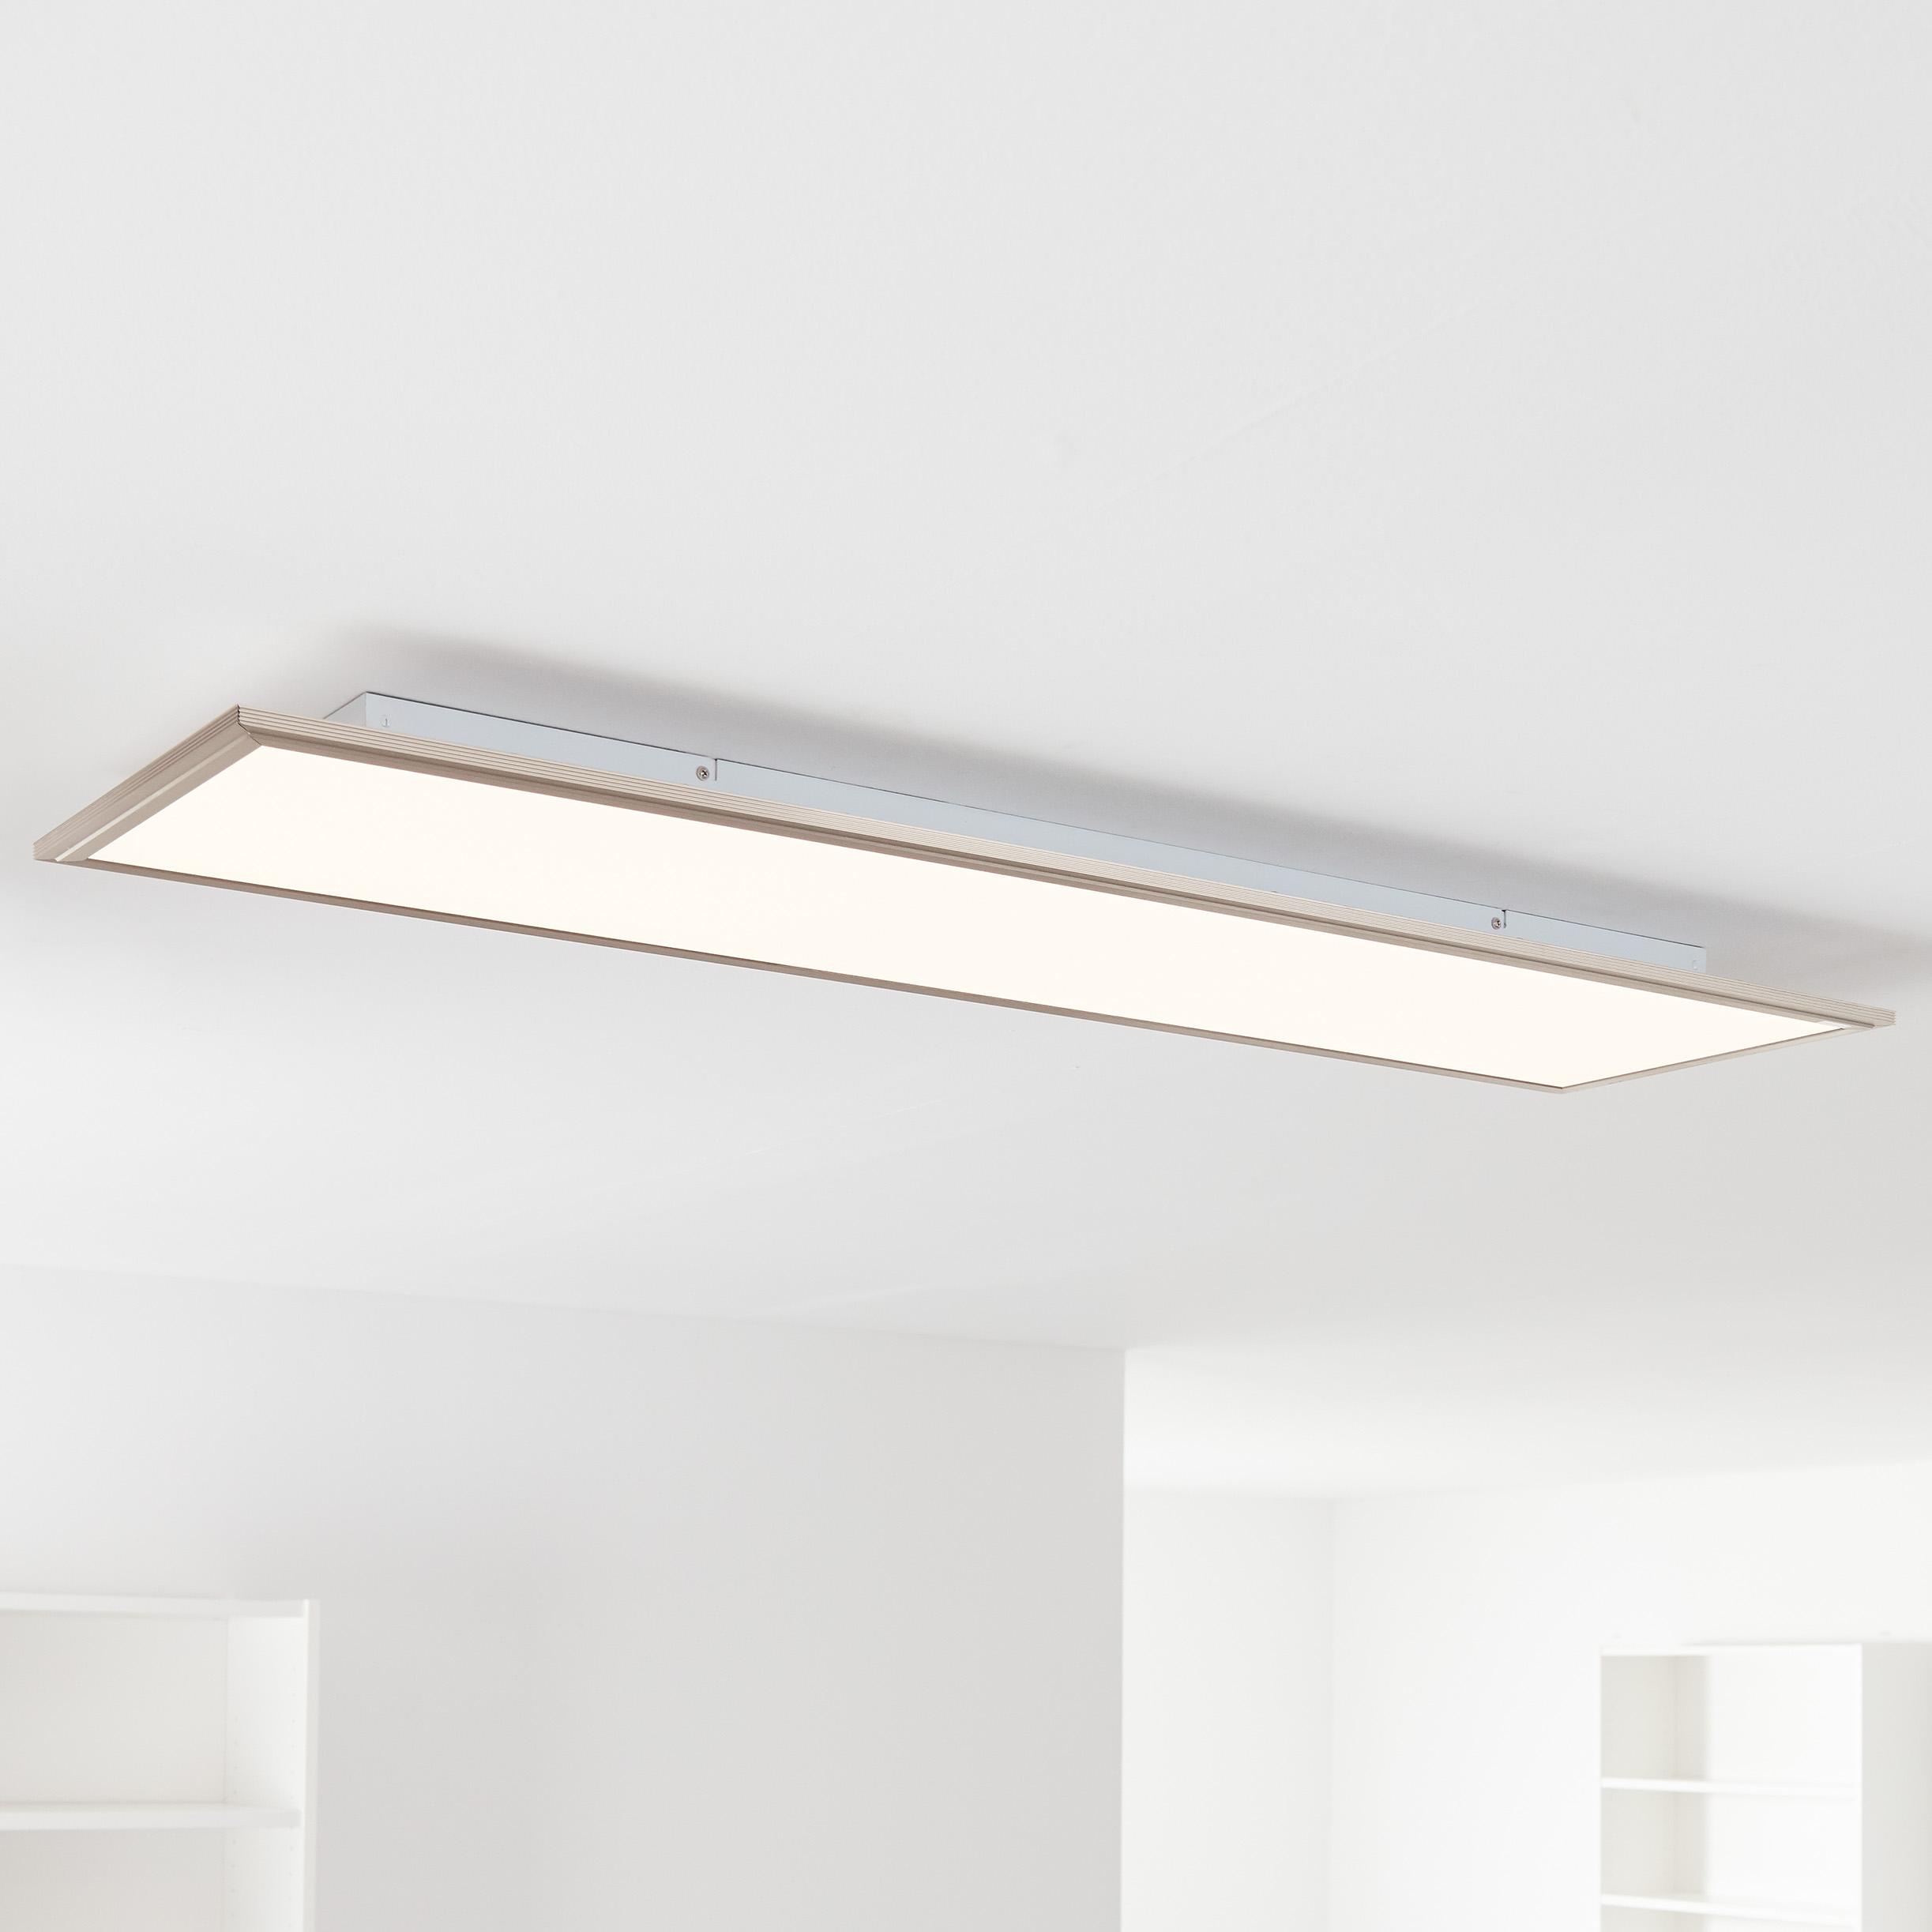 Gut gemocht LED Panel Deckenleuchte 120x30cm, 1x 62W LED integriert, 1x 4540 RS52